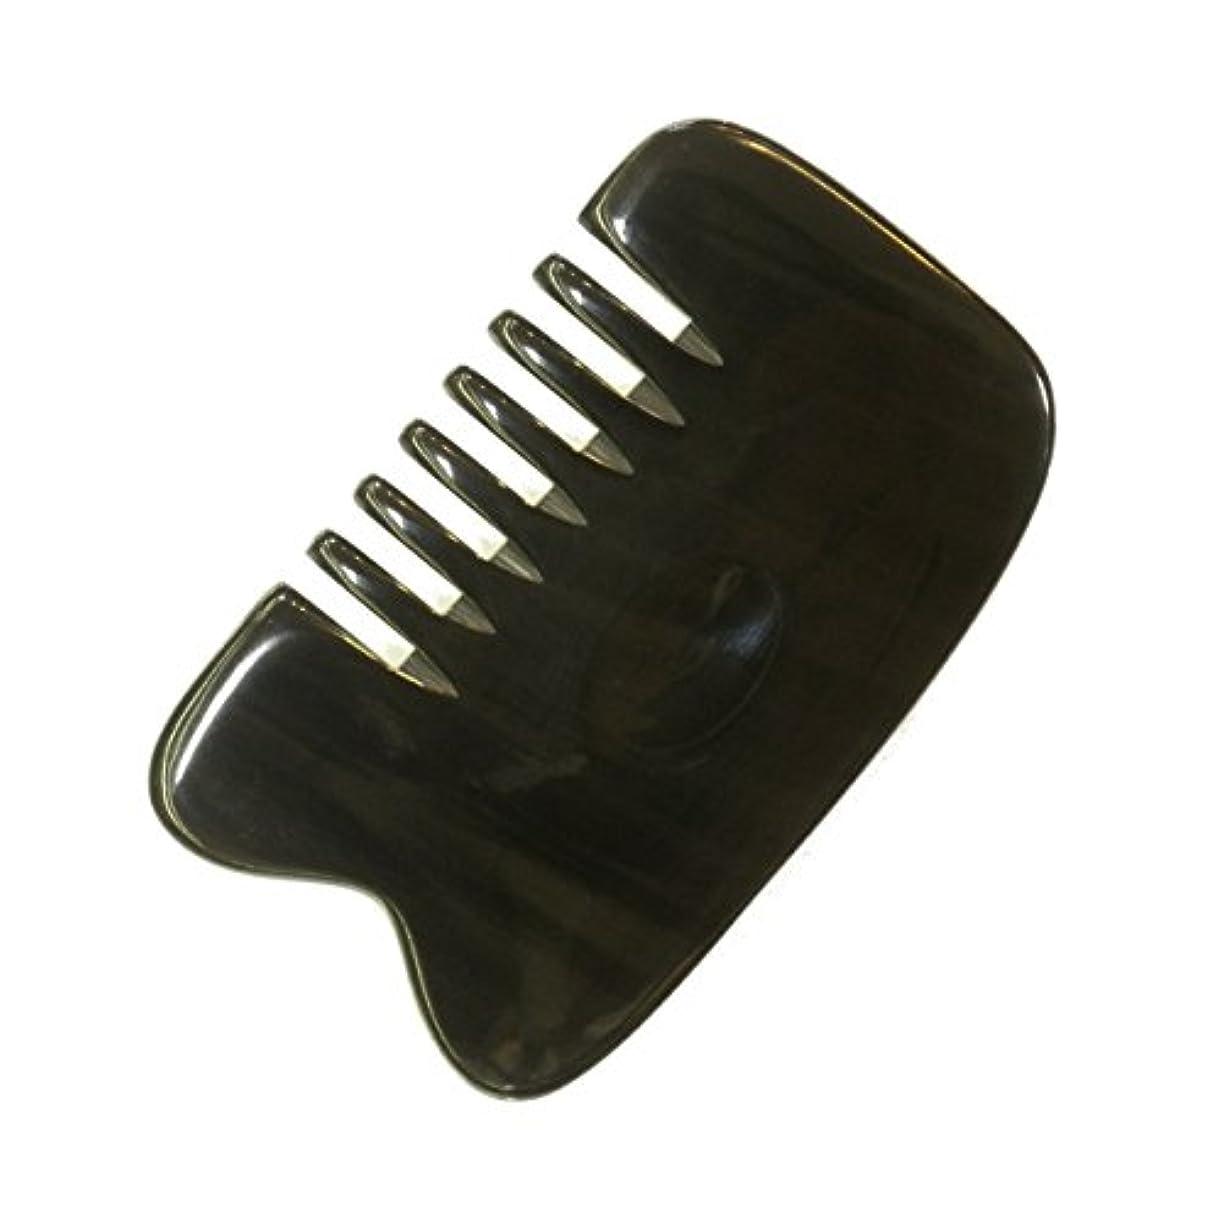 パンフレット甲虫影のあるかっさ プレート 厚さが選べる 水牛の角(黒水牛角) EHE221SP 櫛型 特級品 標準(6ミリ程度)